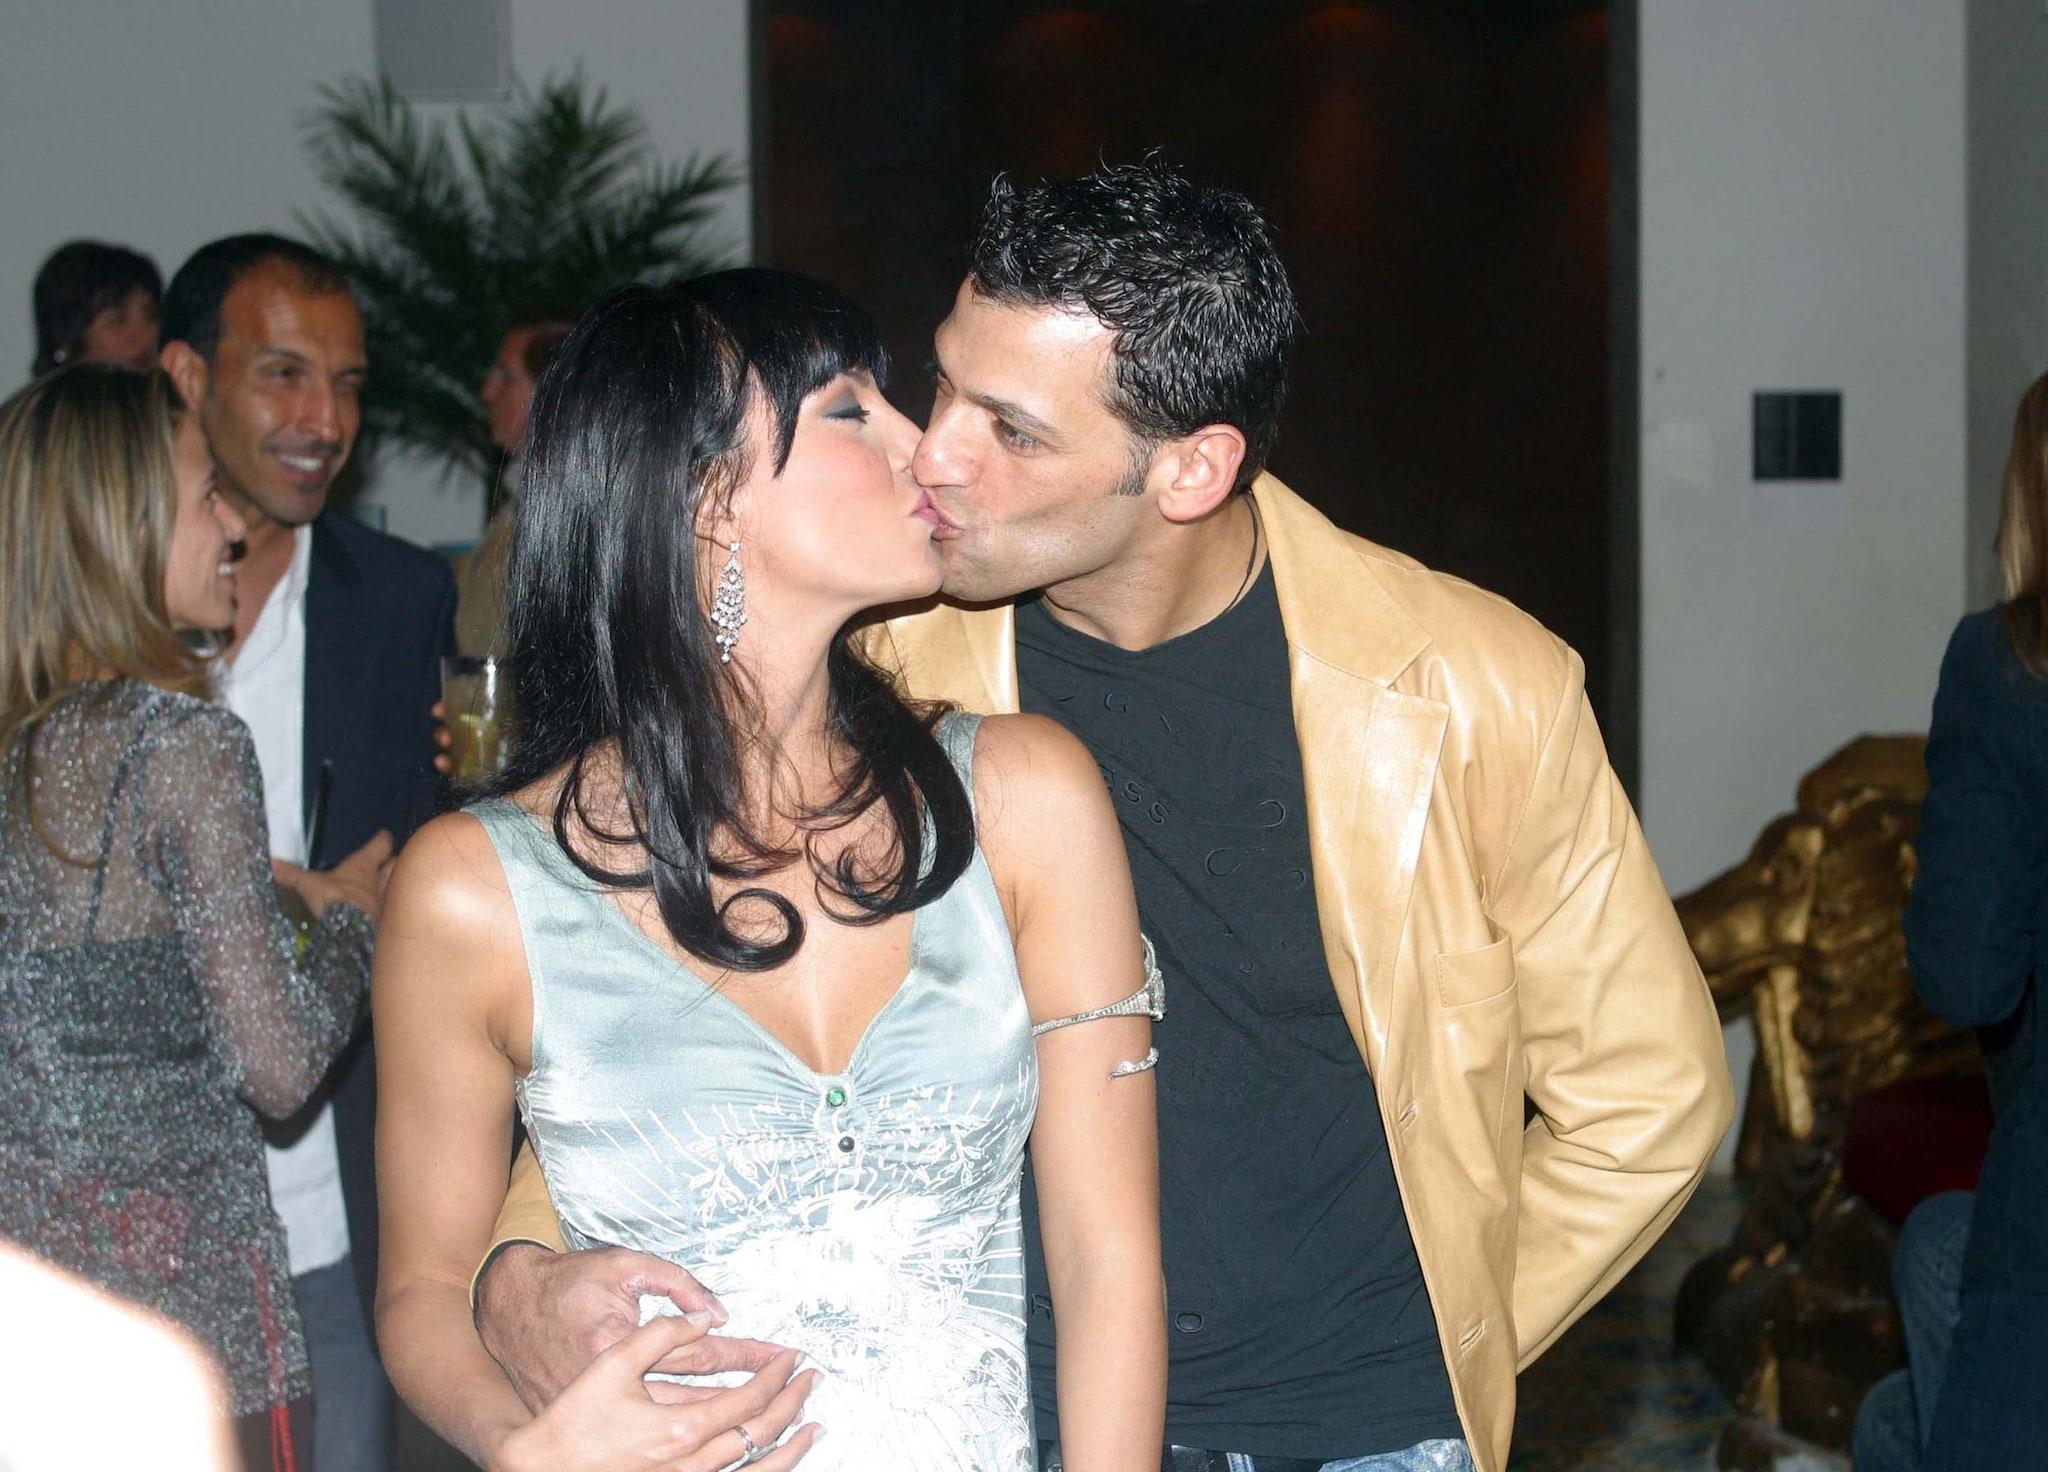 Miriana Trevisan e l'ex marito Pago nel 2005 (LaPresse)